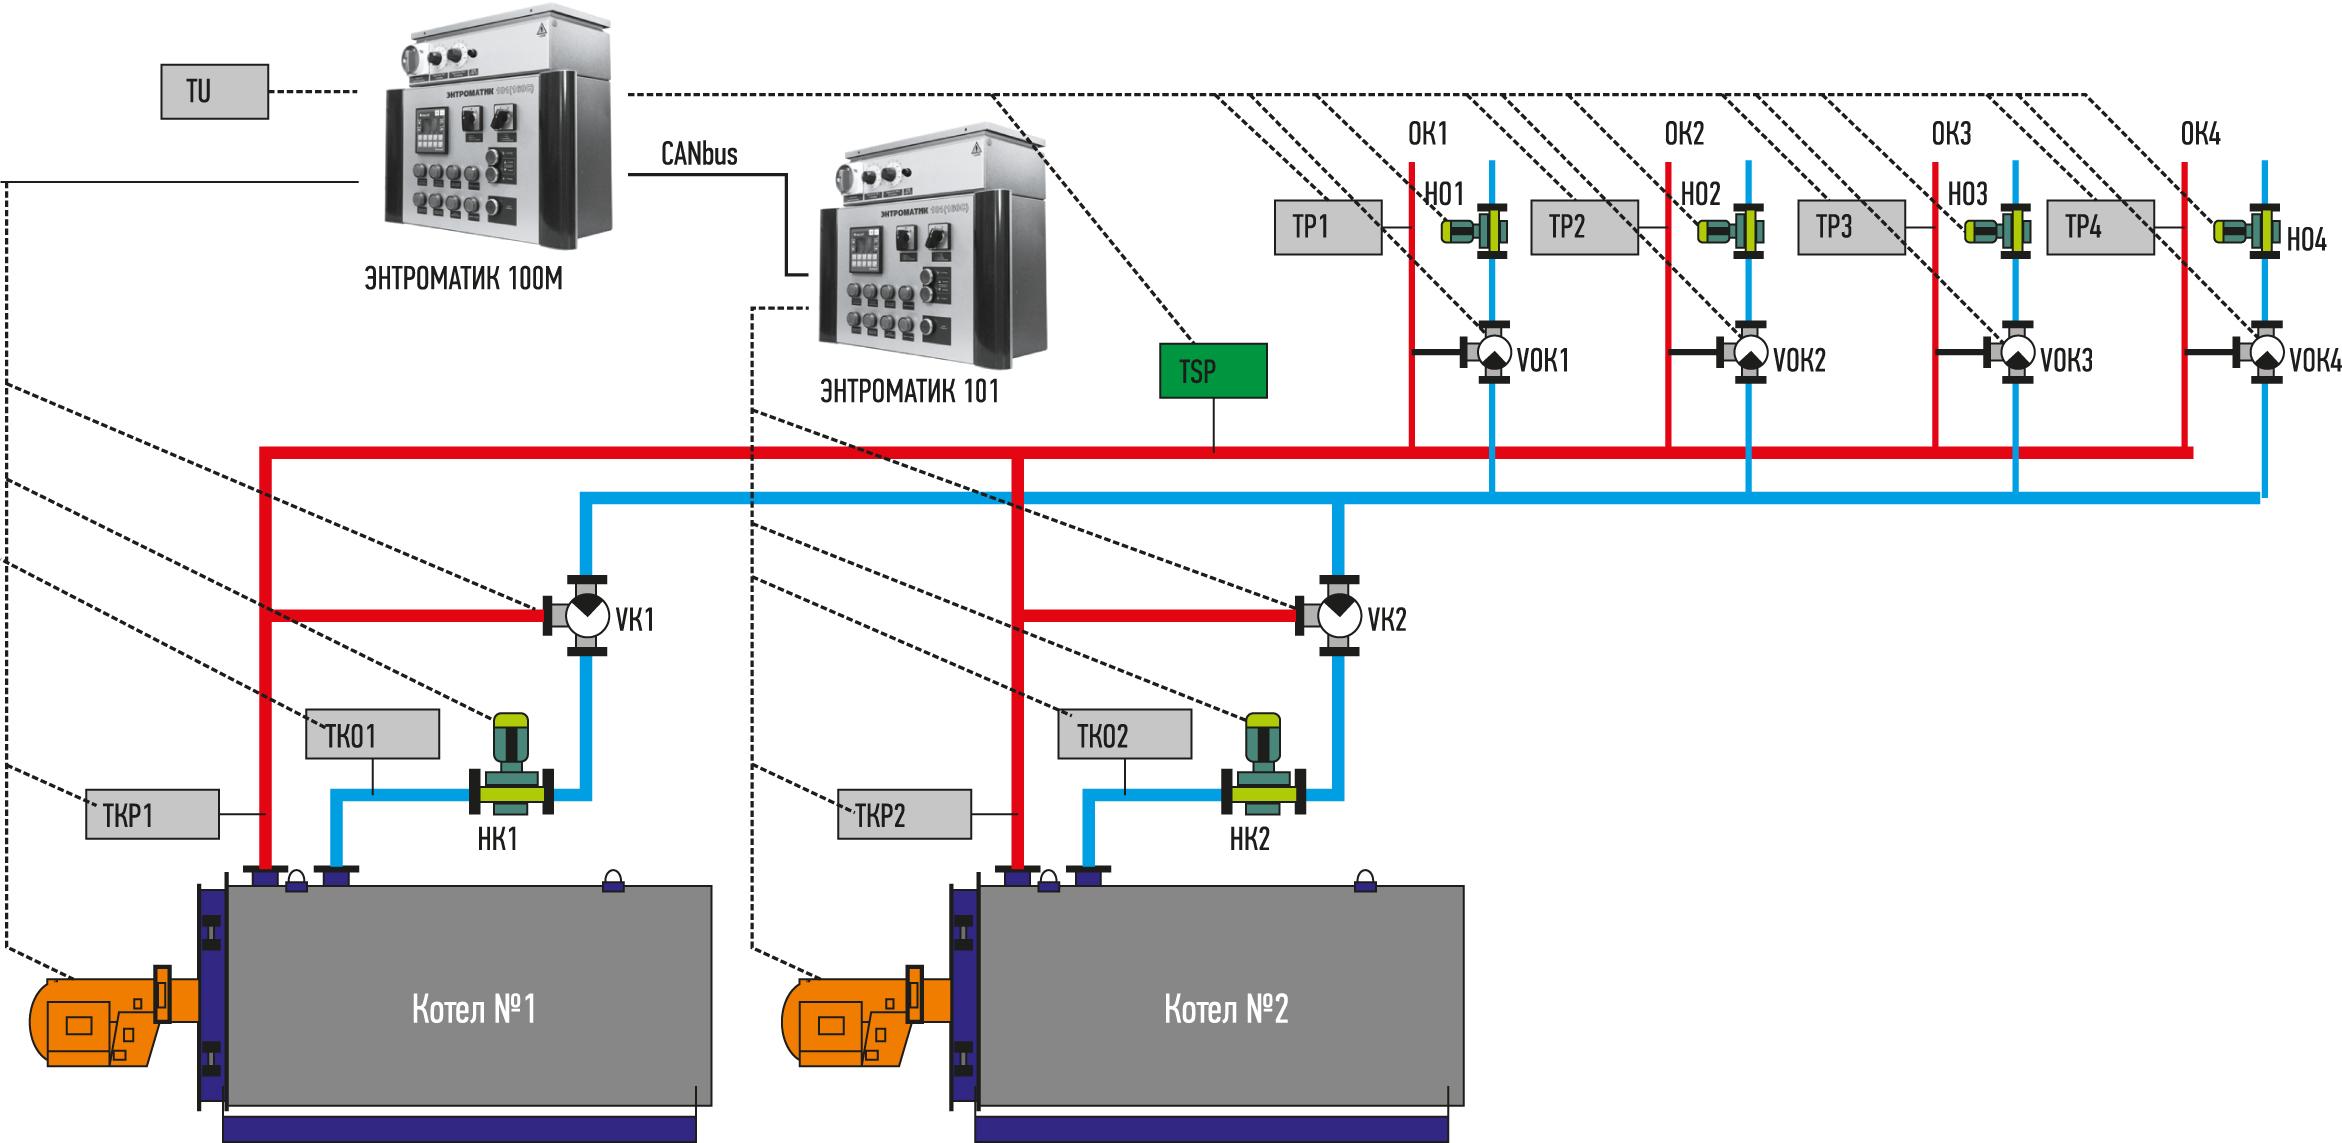 Один из вариантов конфигурации системы автоматизированного управления (САУ) «Энтроматик»